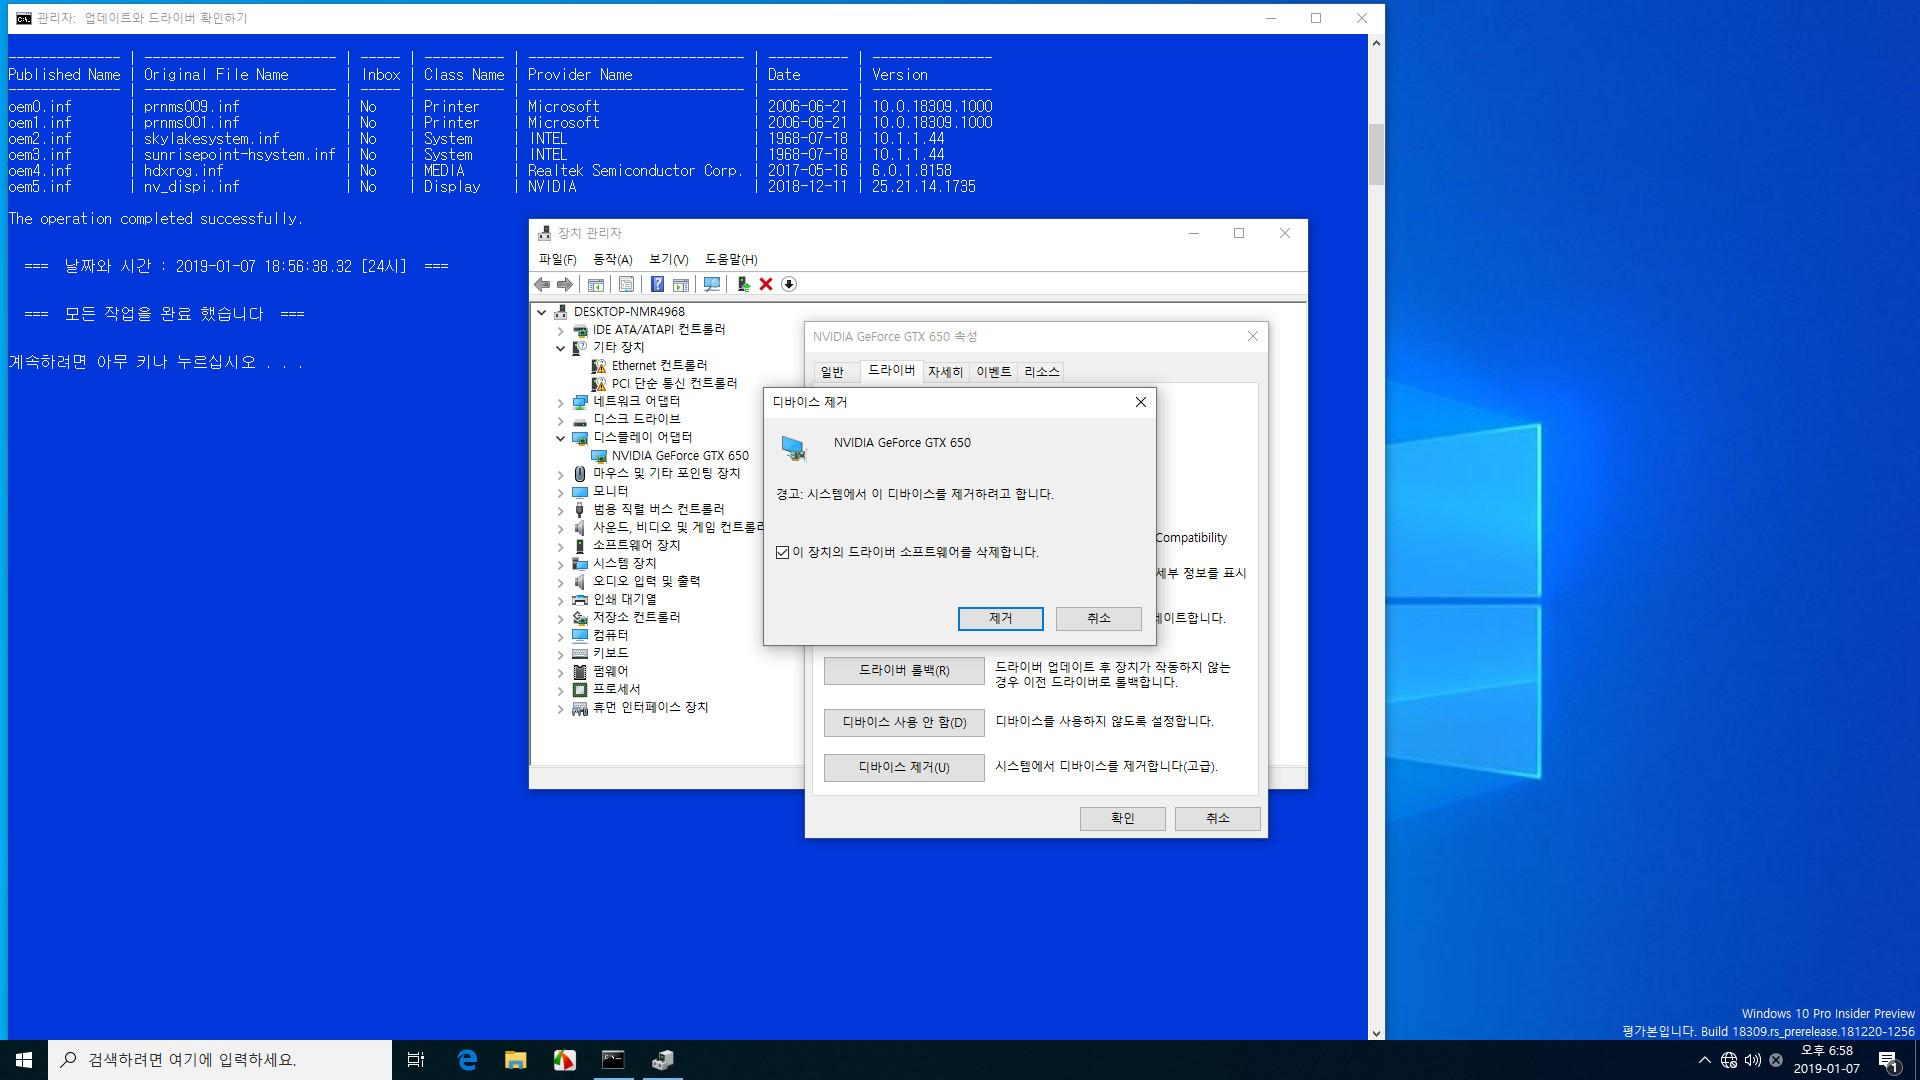 윈도10 19H1 인사이더 프리뷰 18309.1000 빌드 나왔네요 - 실컴에서 Windows Sandbox 테스트 - 어떤 드라이버가 충돌을 일으키는지 확인 테스트4 [윈도에 내장된 랜드라이버 제거] - 3번째 for 구문과 사용권한 획득으로 내장 랜 드라이버들 삭제 성공함 2019-01-07_185844.jpg